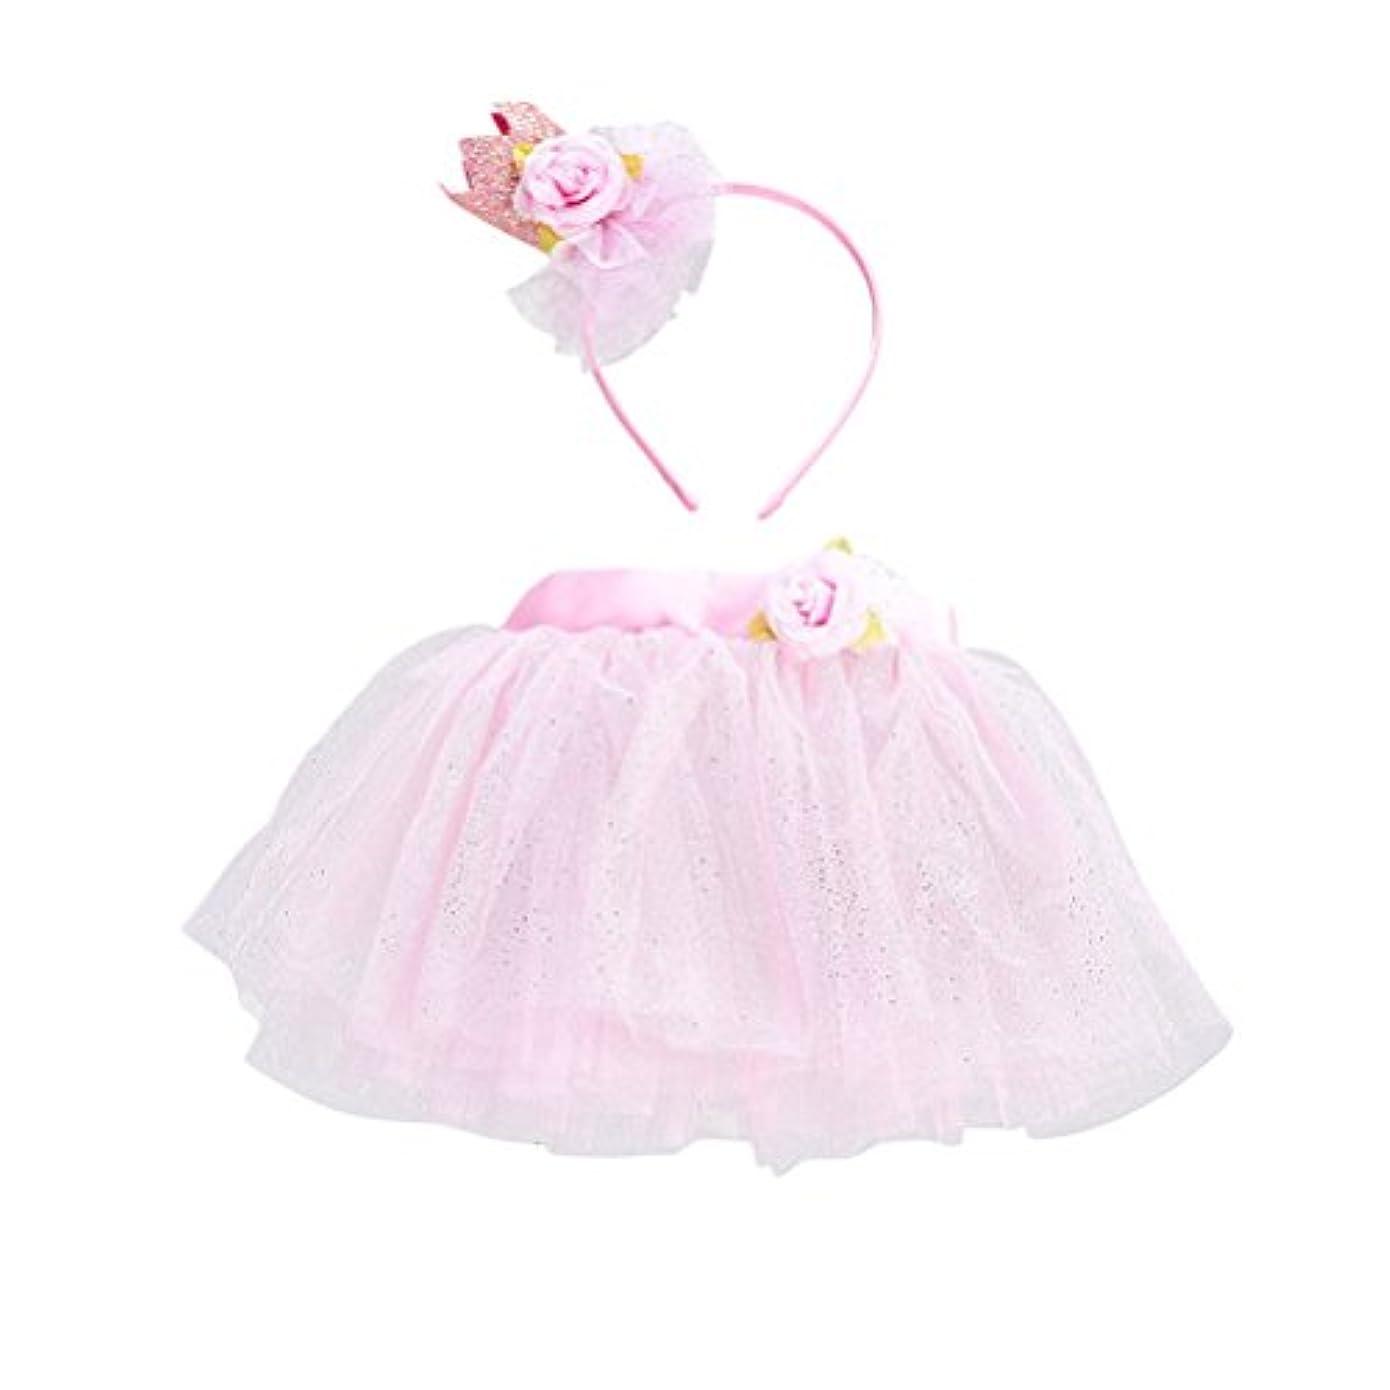 かどうか経済的乞食LUOEM 女の子TutuスカートセットヘッドバンドプリンセスガールTutu服装Baby Girls Birthday Outfit Set(ピンク)